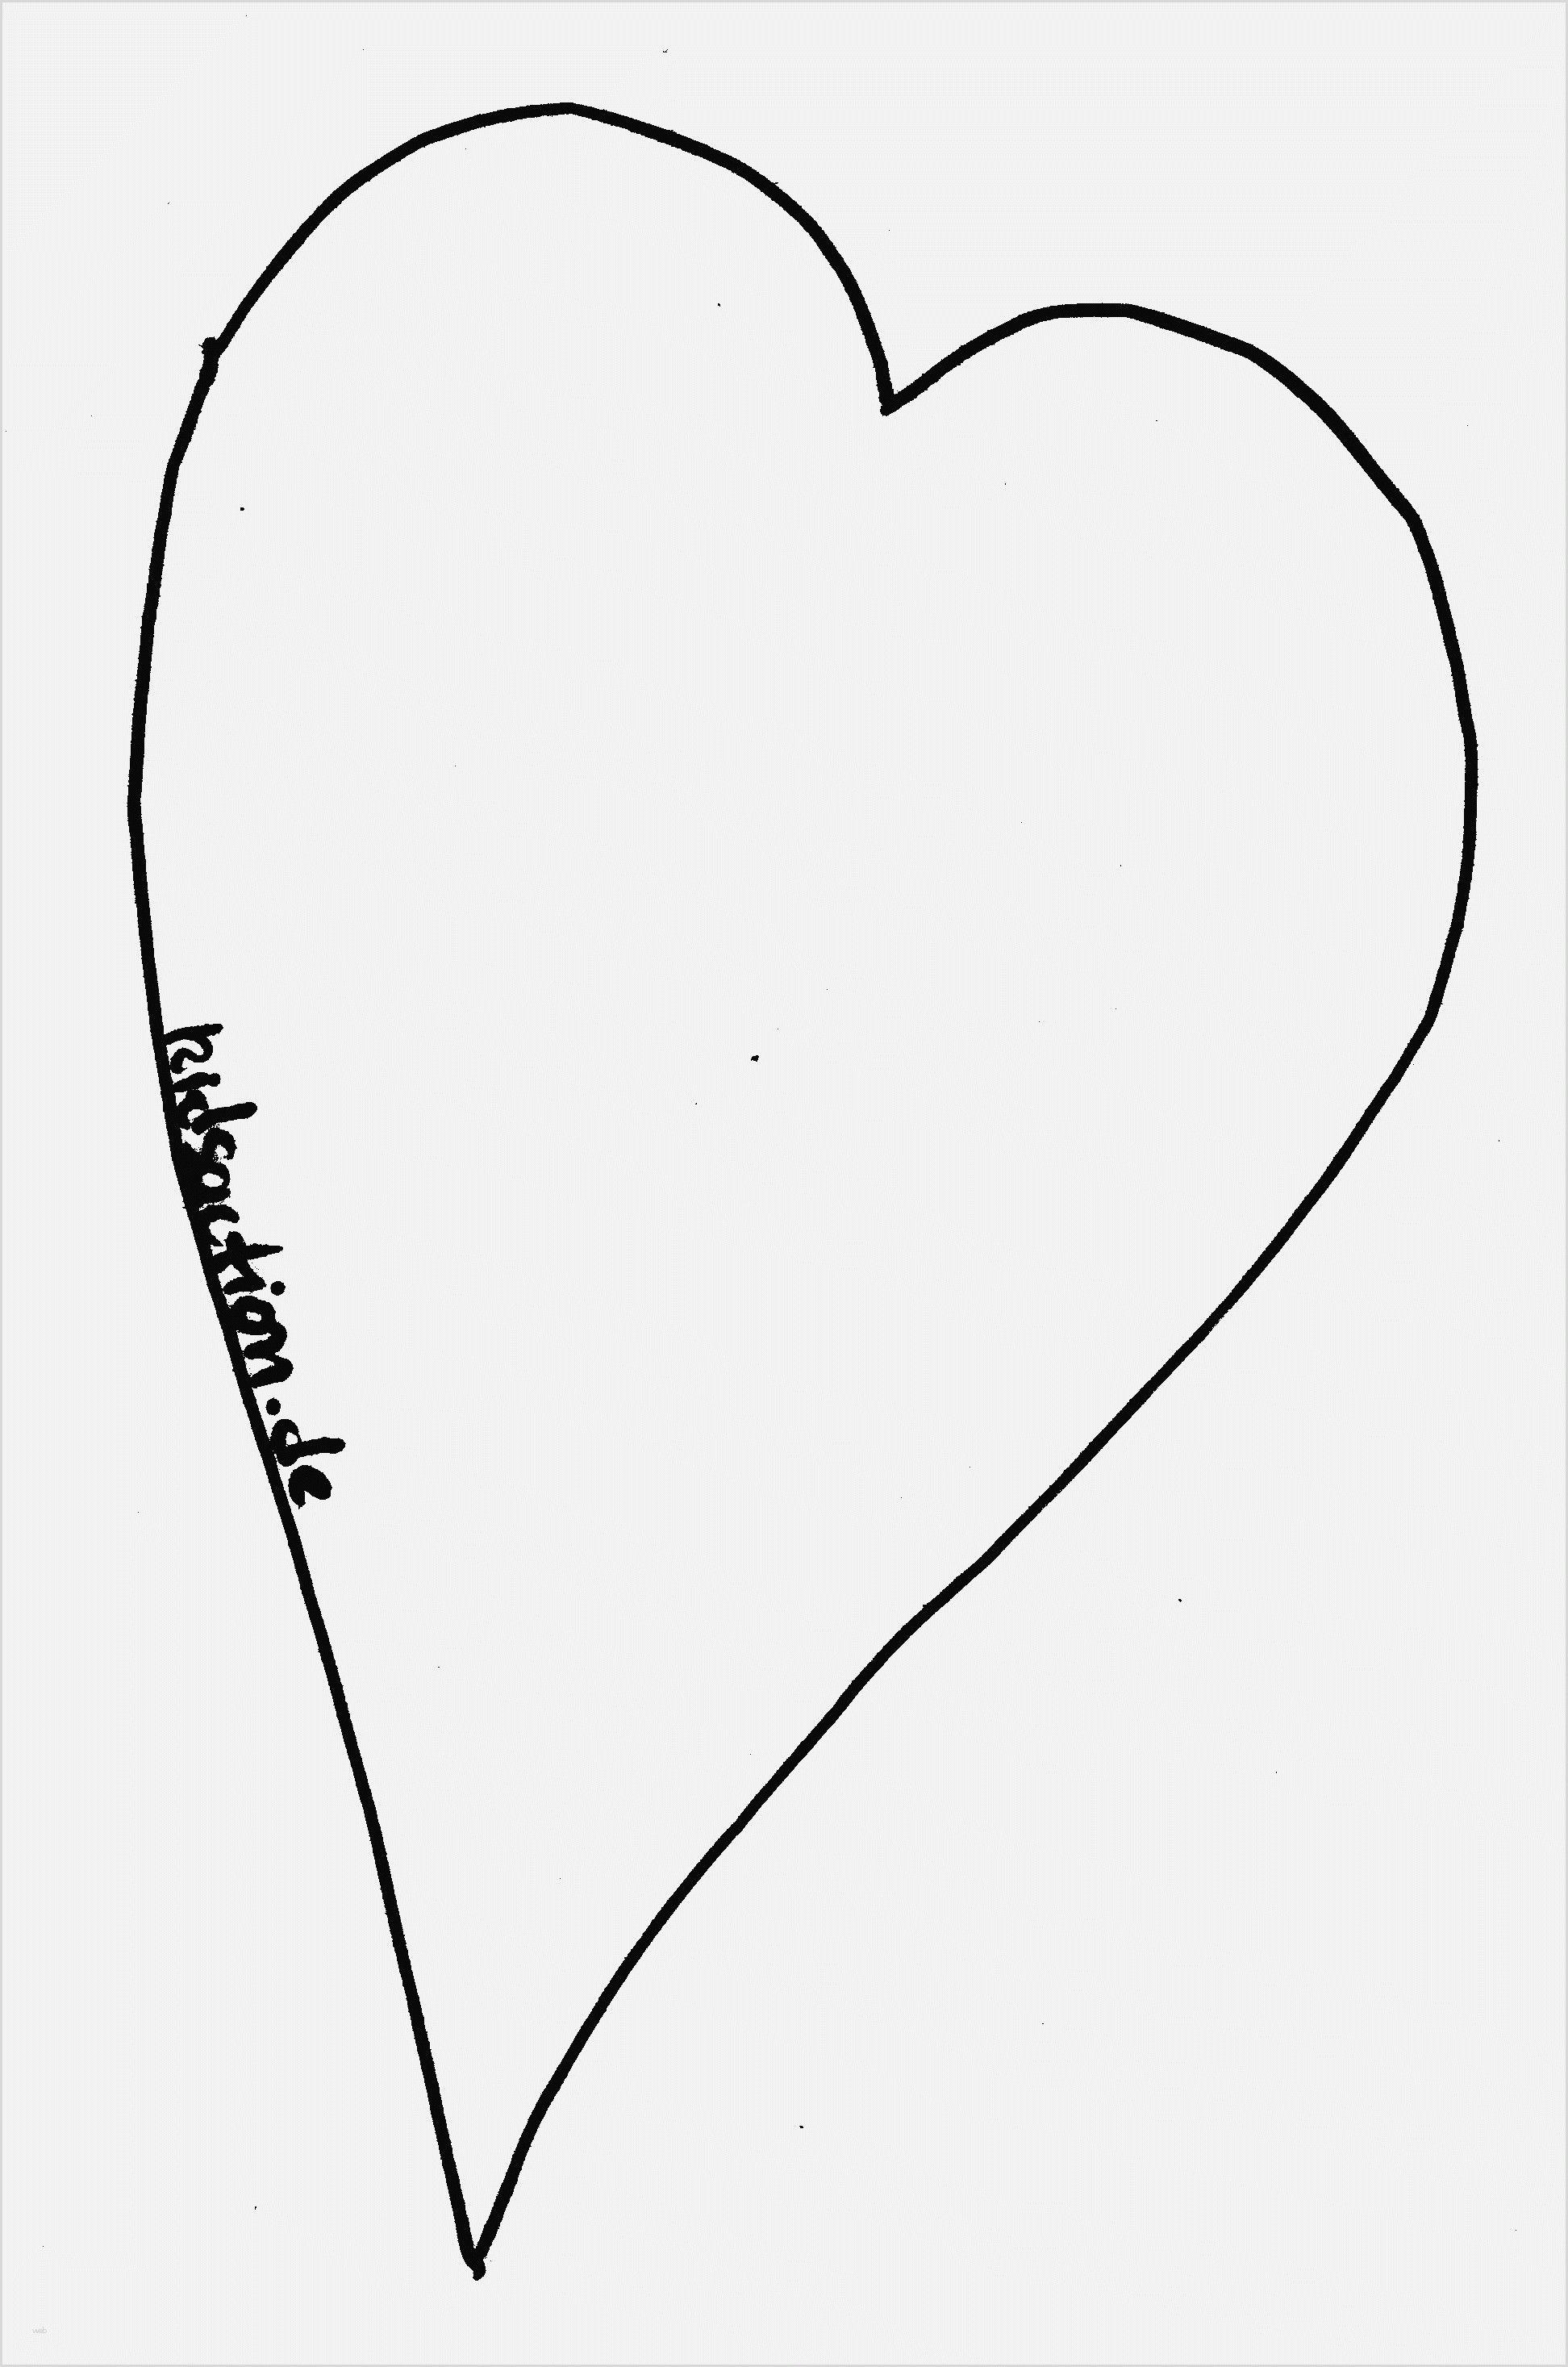 Einzigartig Herzen Vorlage Malvorlagen Malvorlagenfurkinder Malvorlagenfurerwachsene Herz Vorlage Vorlagen Ausdrucken